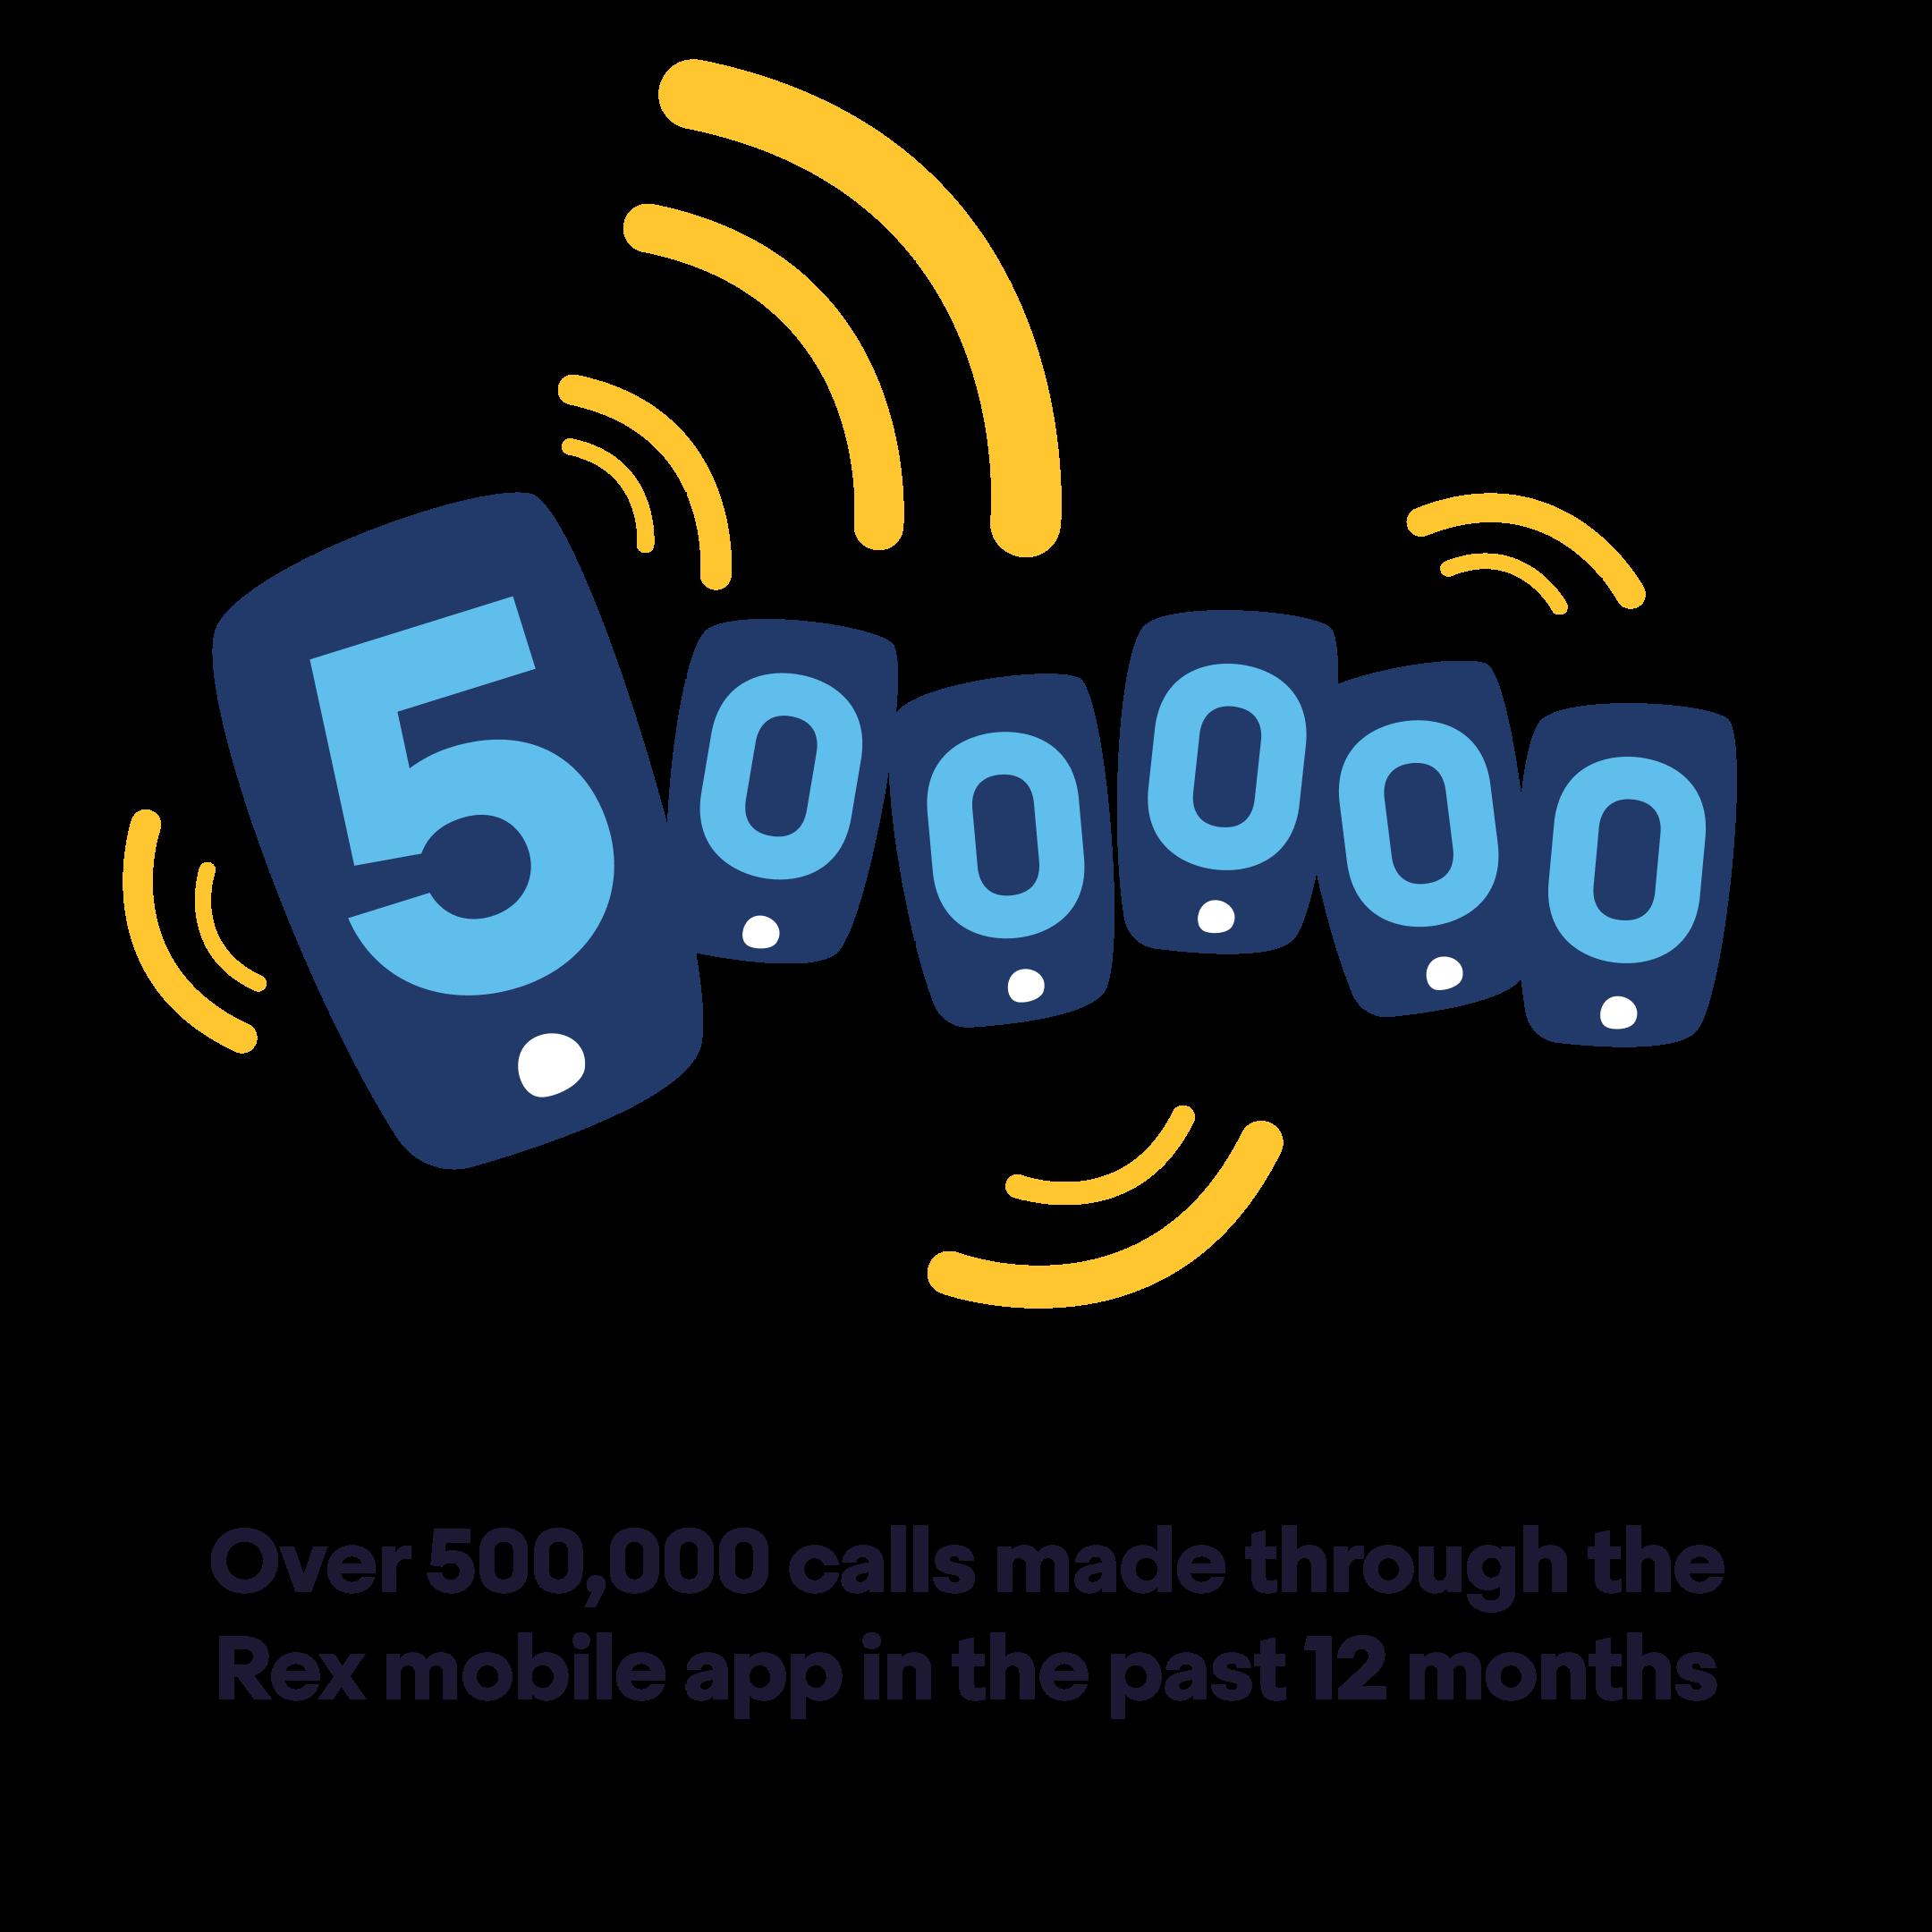 500,000 calls made through the Rex mobile app